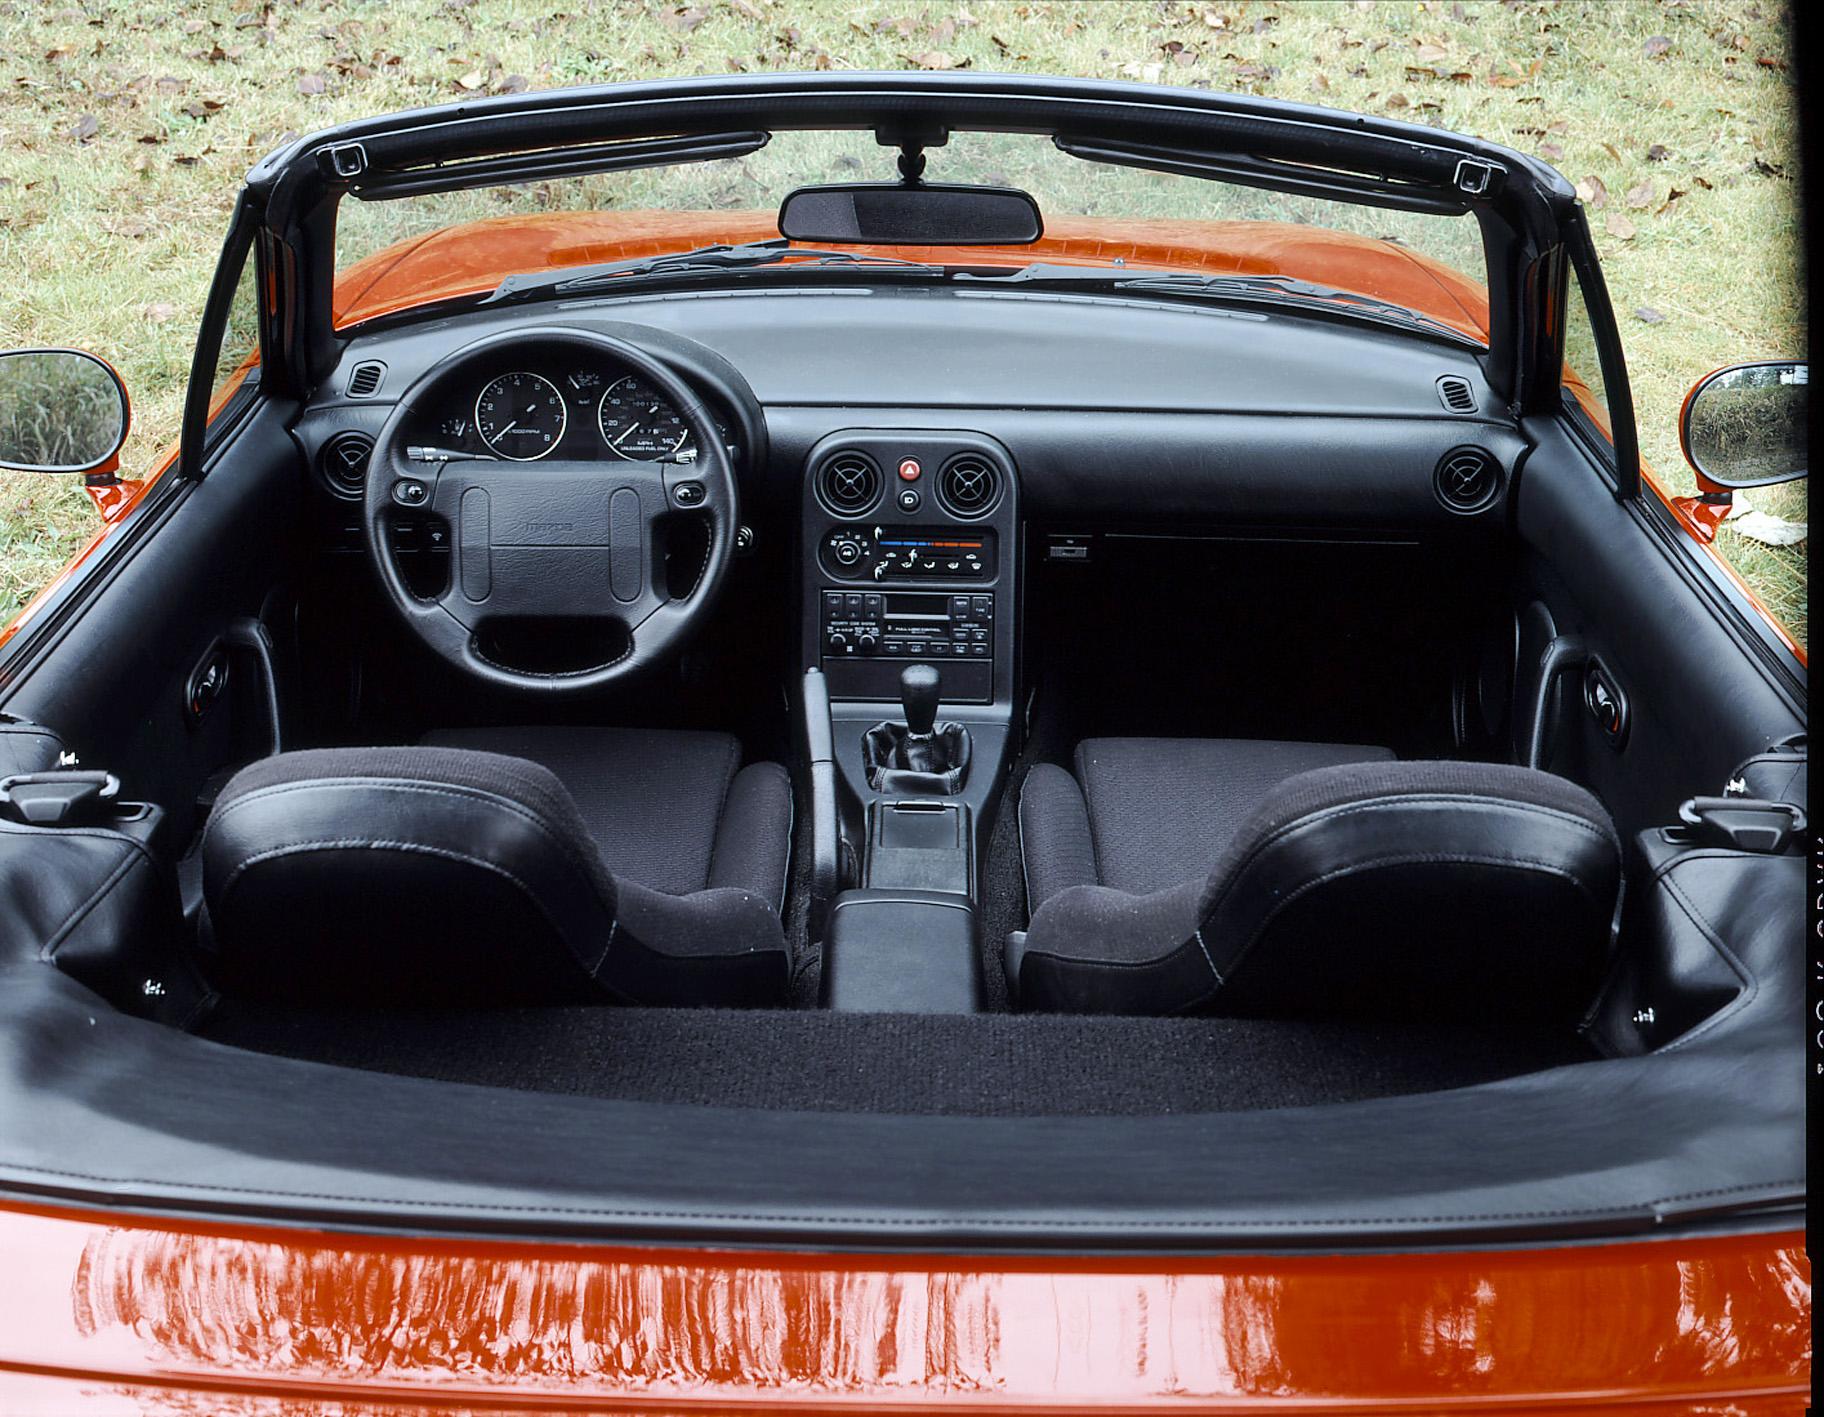 1990 mazda mx5 miata interior cassette